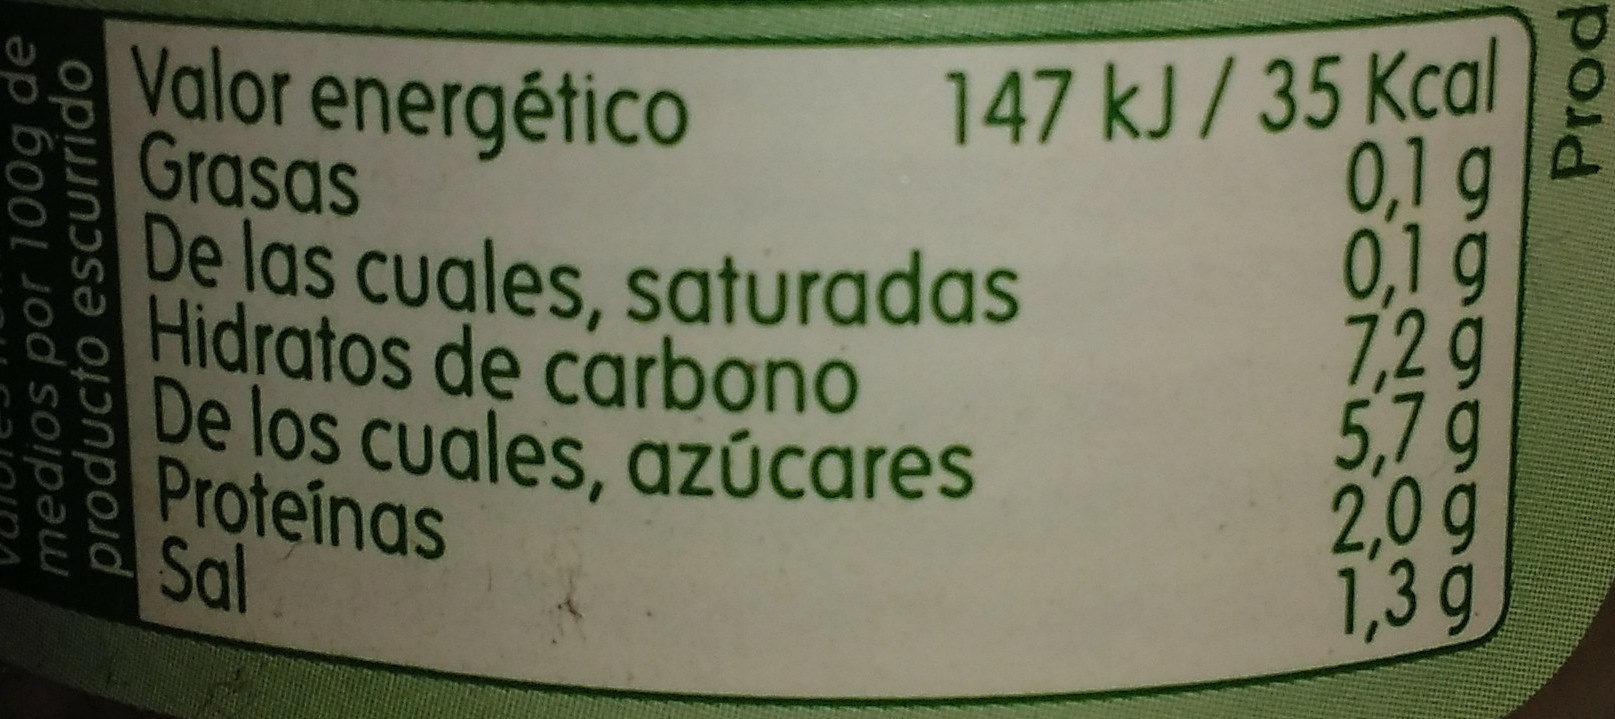 brotes germinados - Información nutricional - es